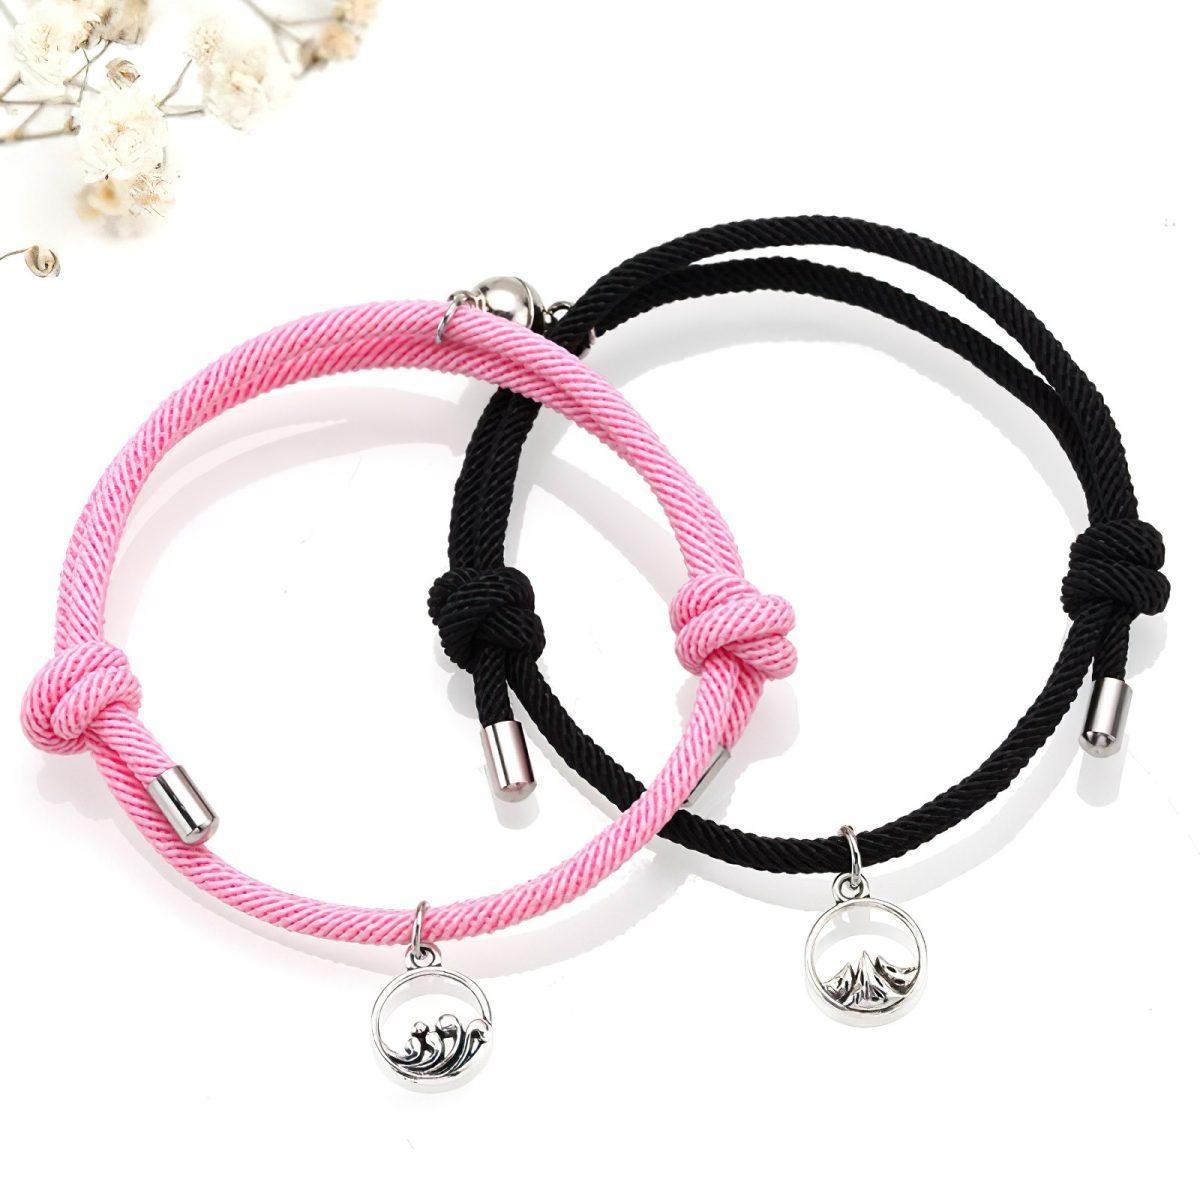 Парные браслеты для влюбленных розового и черного цветов